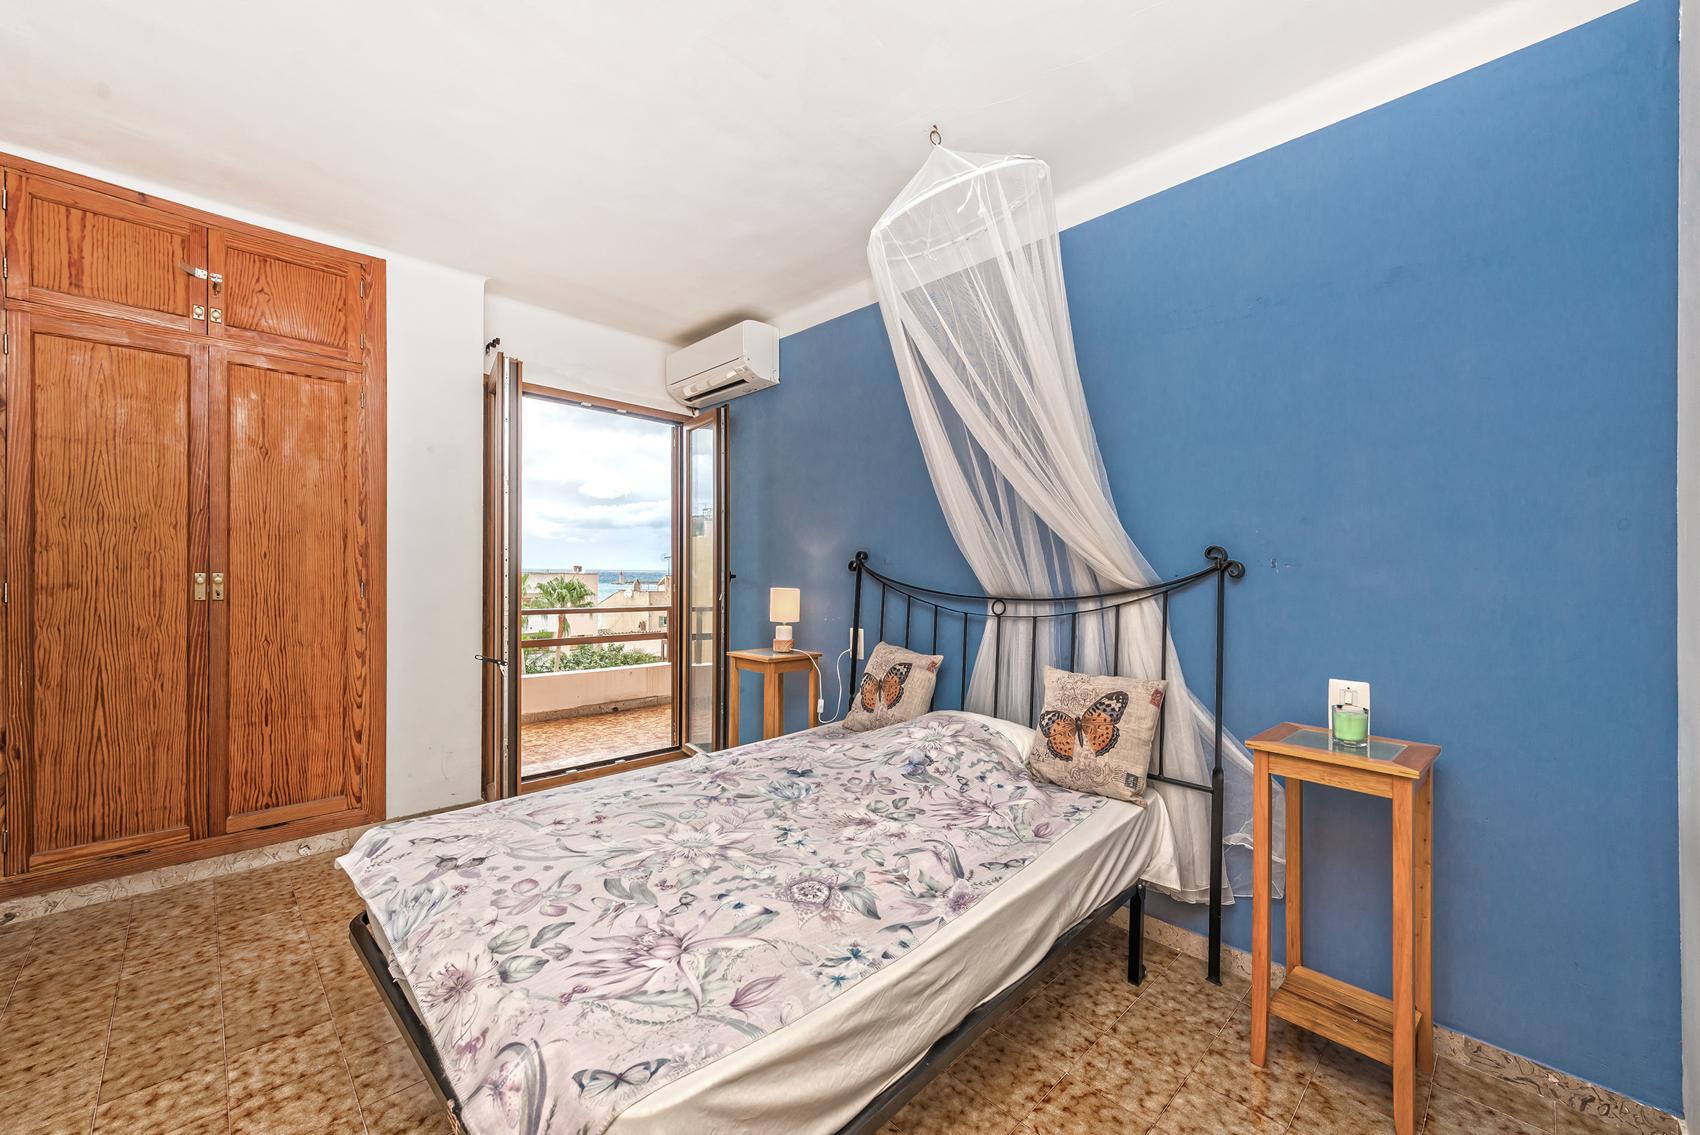 Schlafzimmer mit Balkon in Mallorca